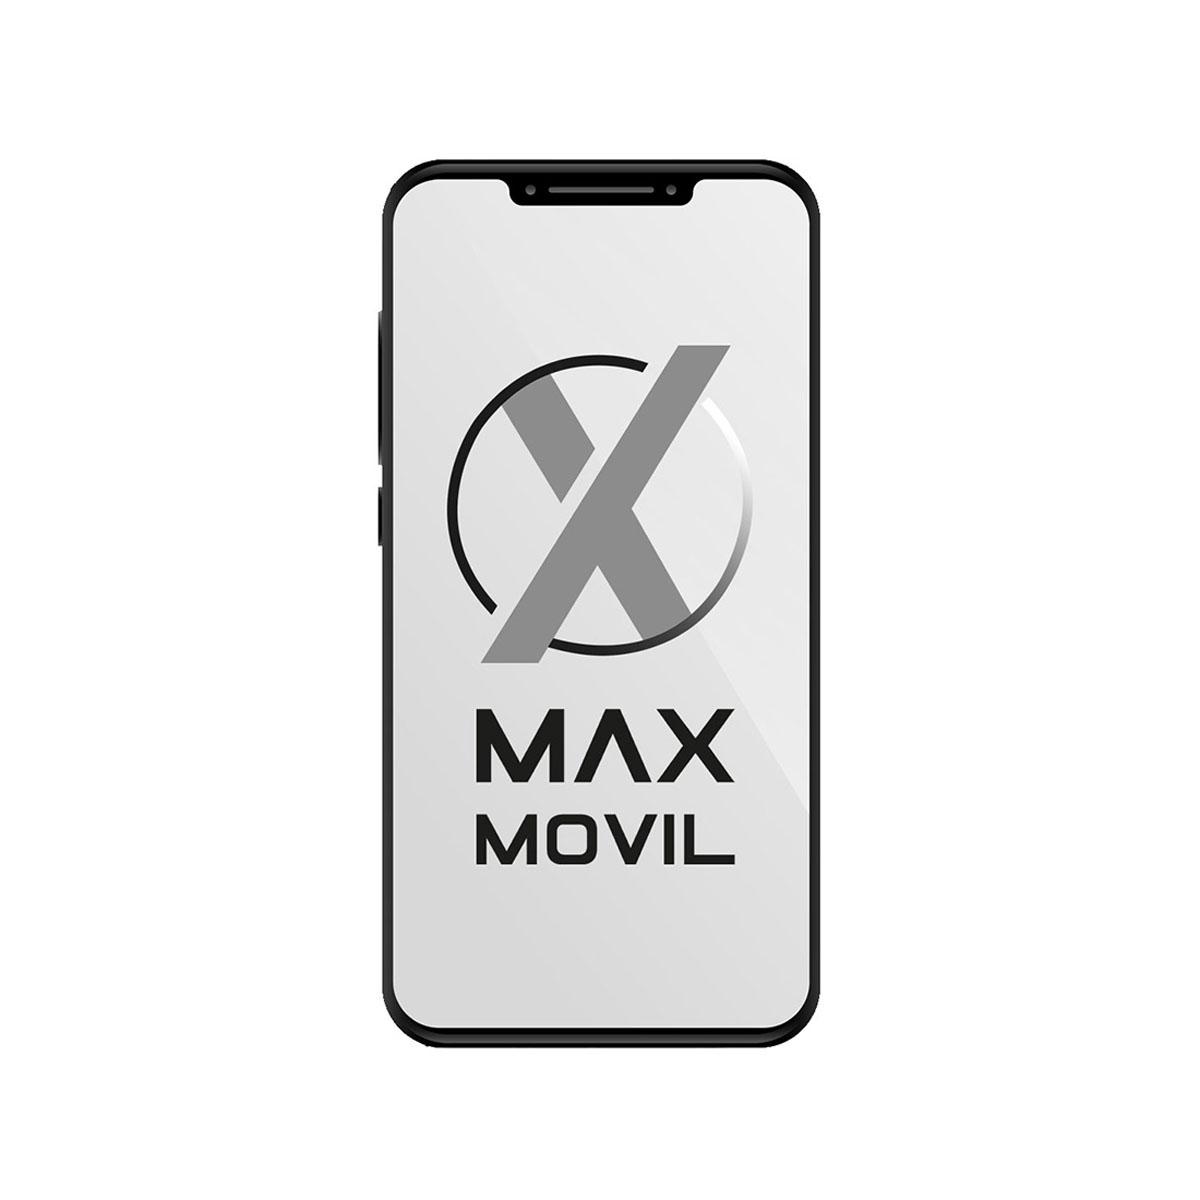 Cable 3Go HDMI-macho a mini HDMI-macho 1,8 tipo C CMINIHDMI